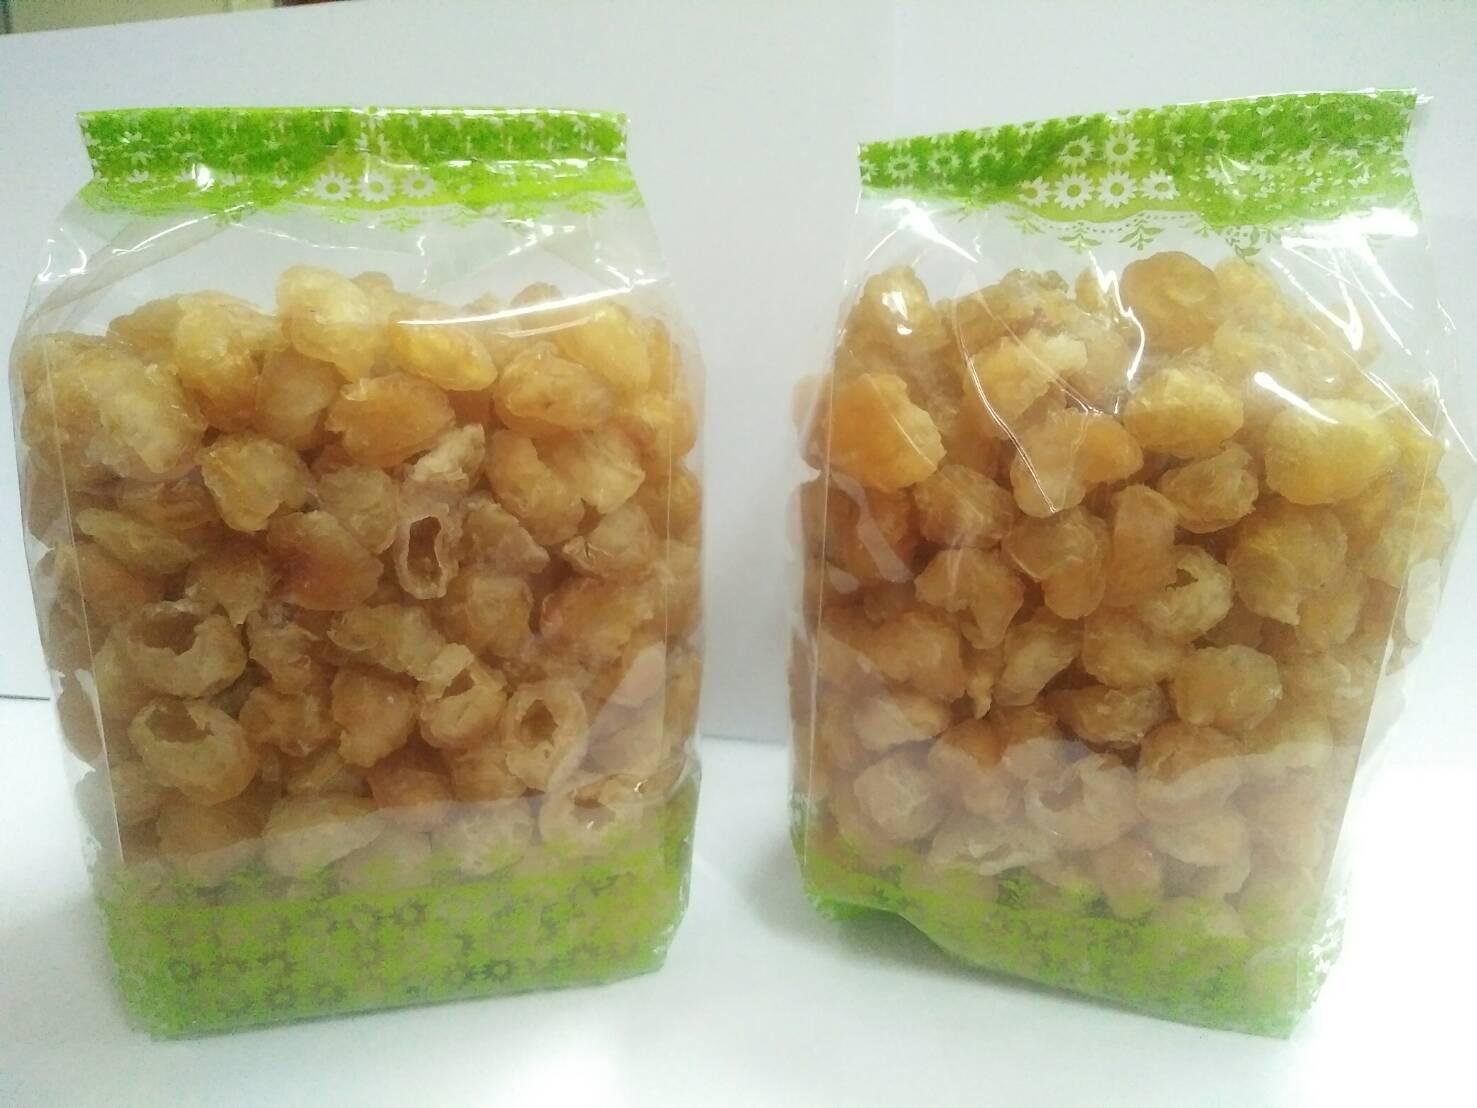 ลำไยอบแห้งเนื้อสีทอง (ถุงละครึ่งกิโลกรัม) จ.ลำพูน